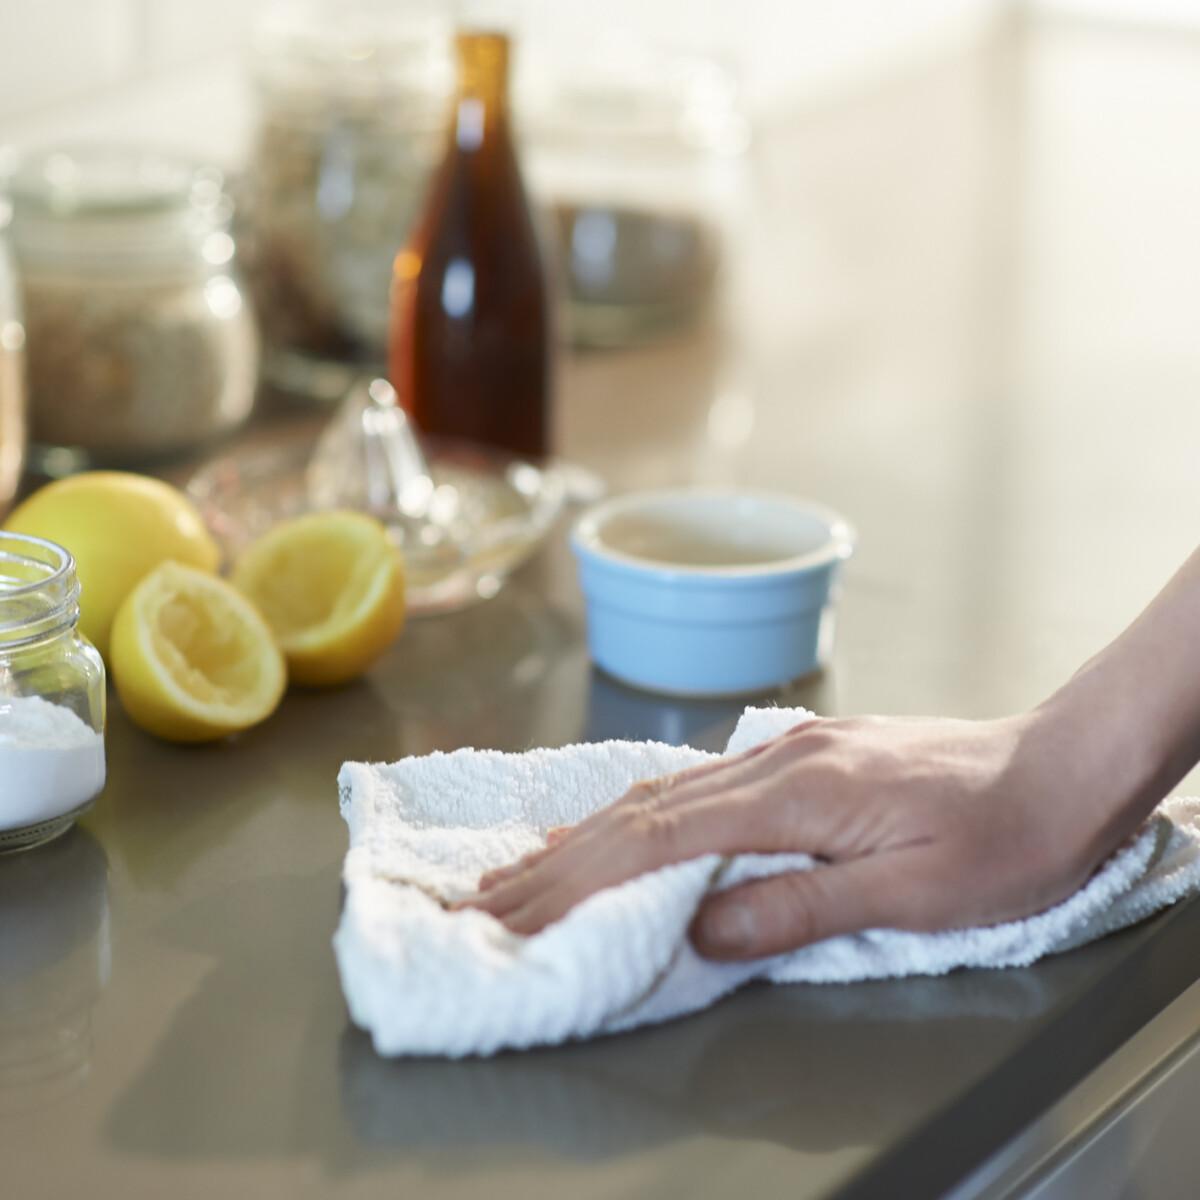 Így lehetsz pofonegyszerűen műanyagmentes a konyhában is